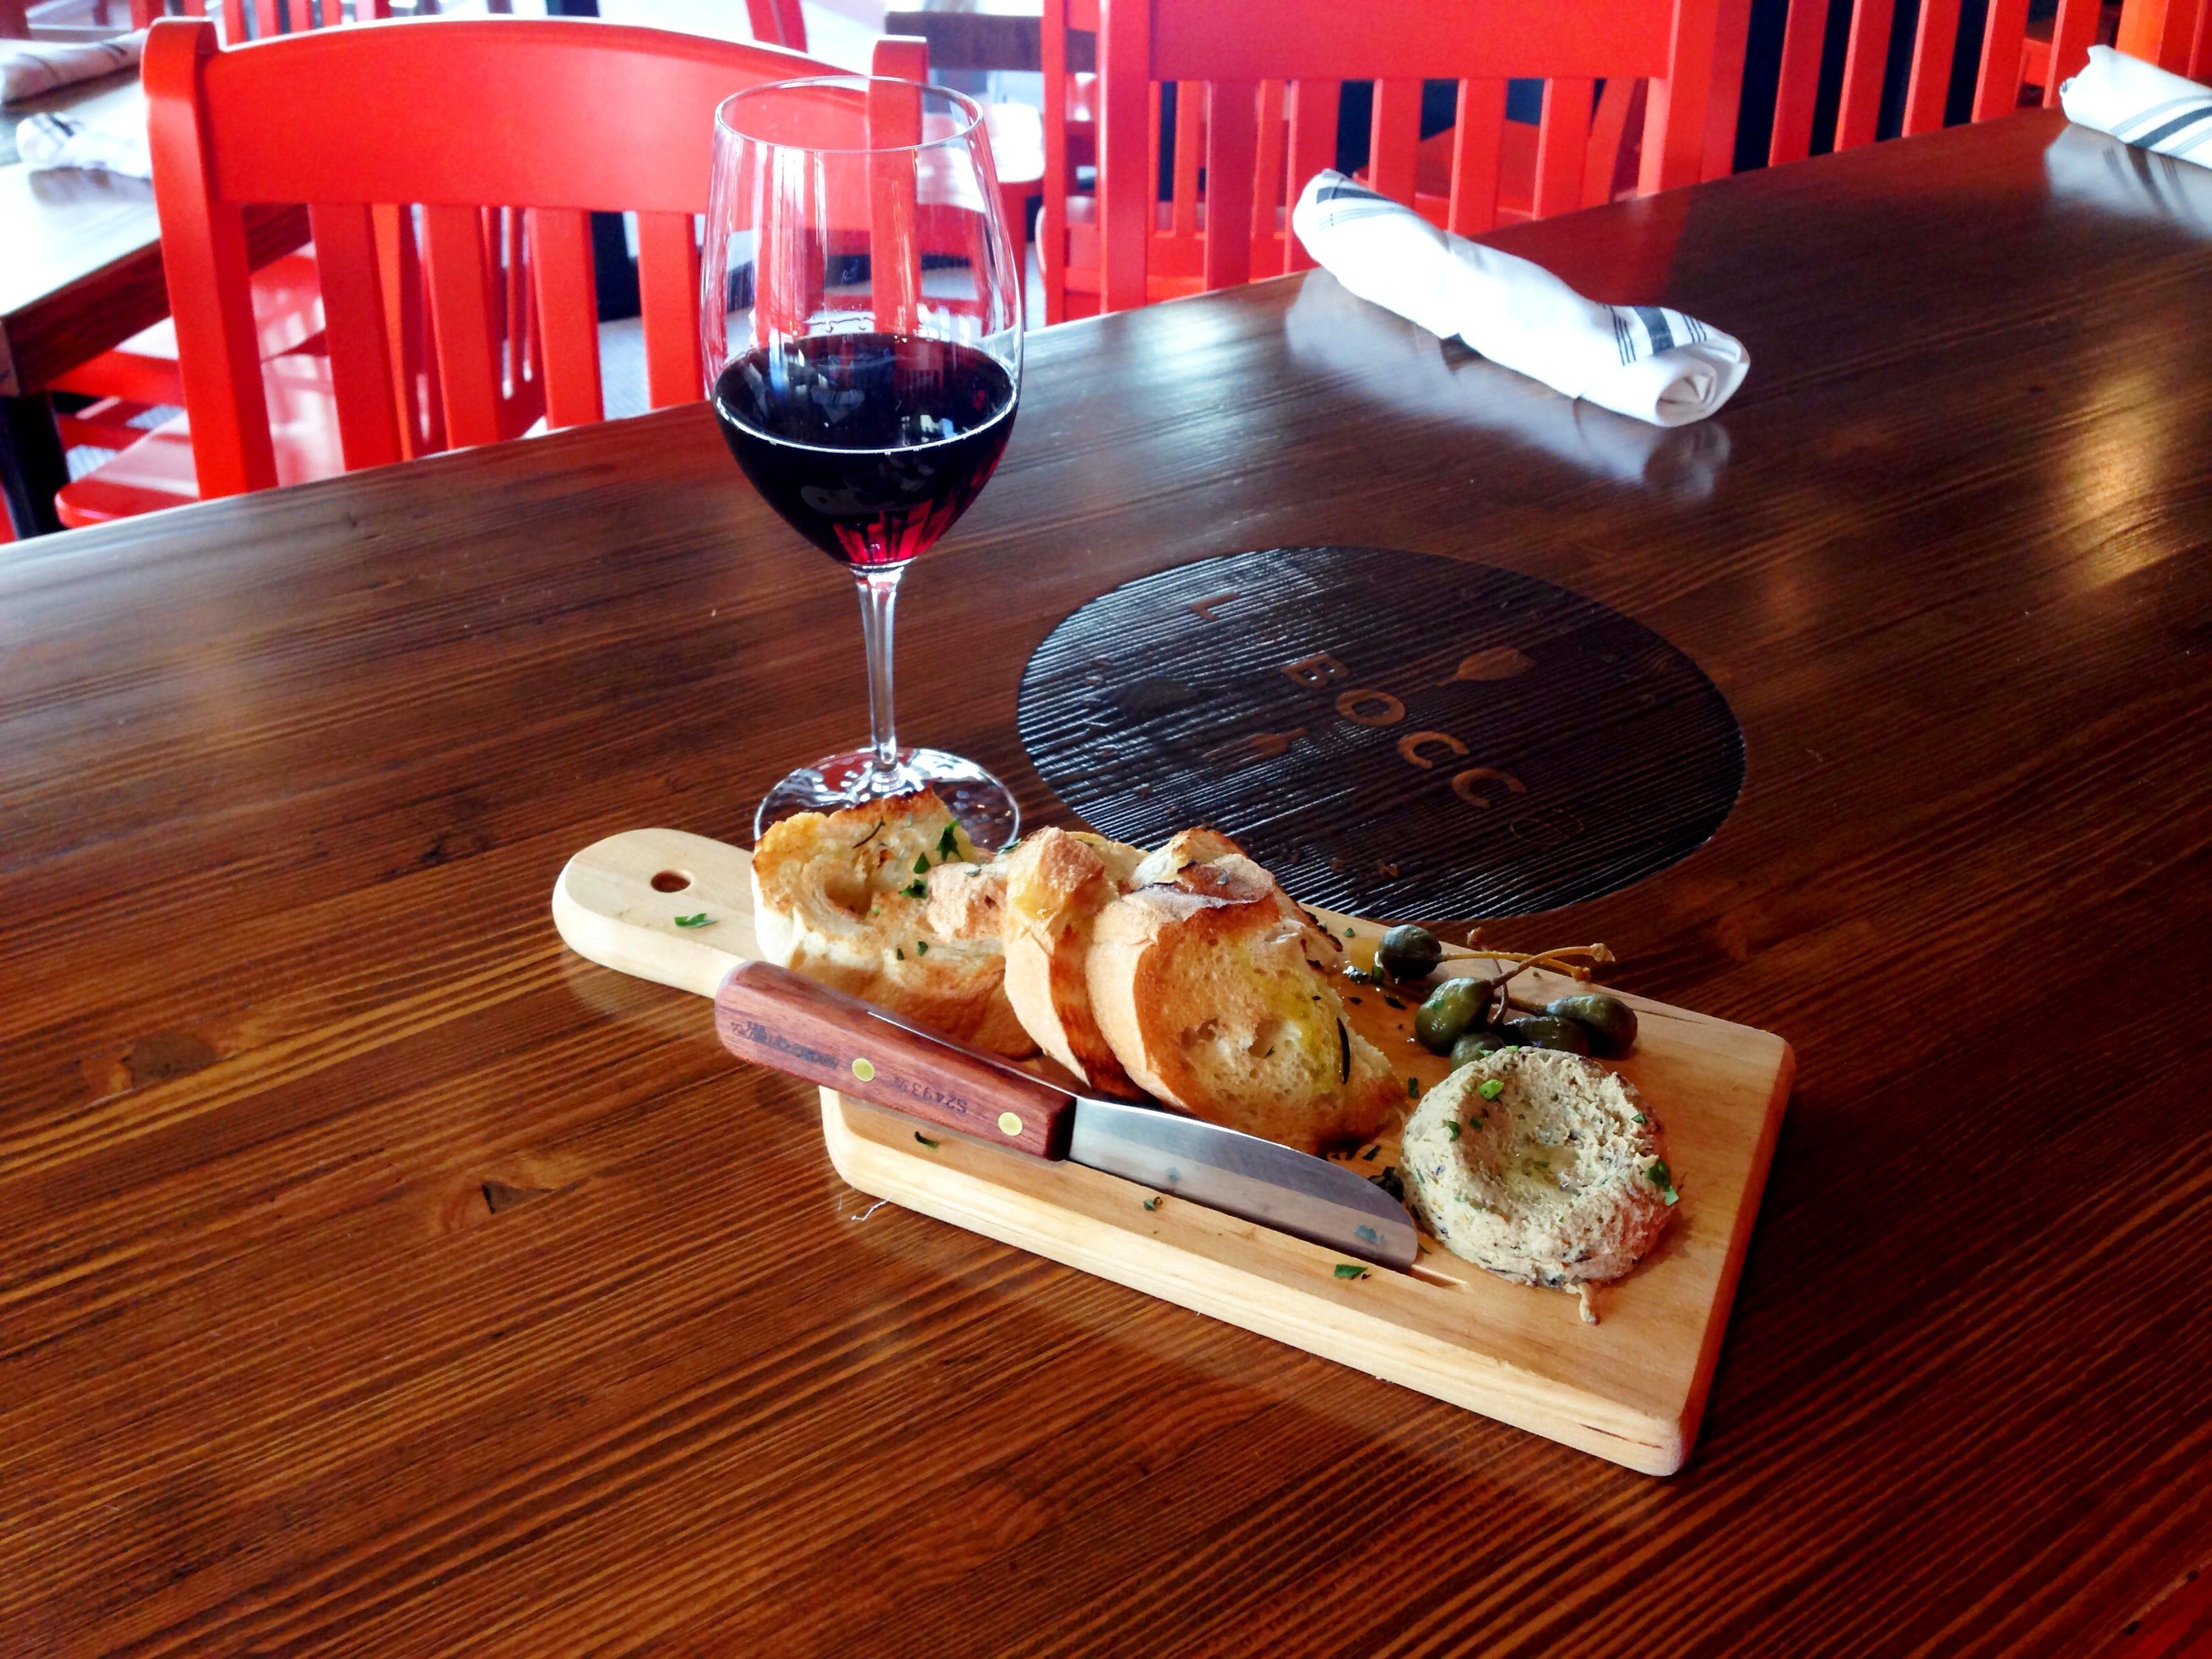 La Bocca Wine Bar & Urban Kitchen on High Street in North Phoenix